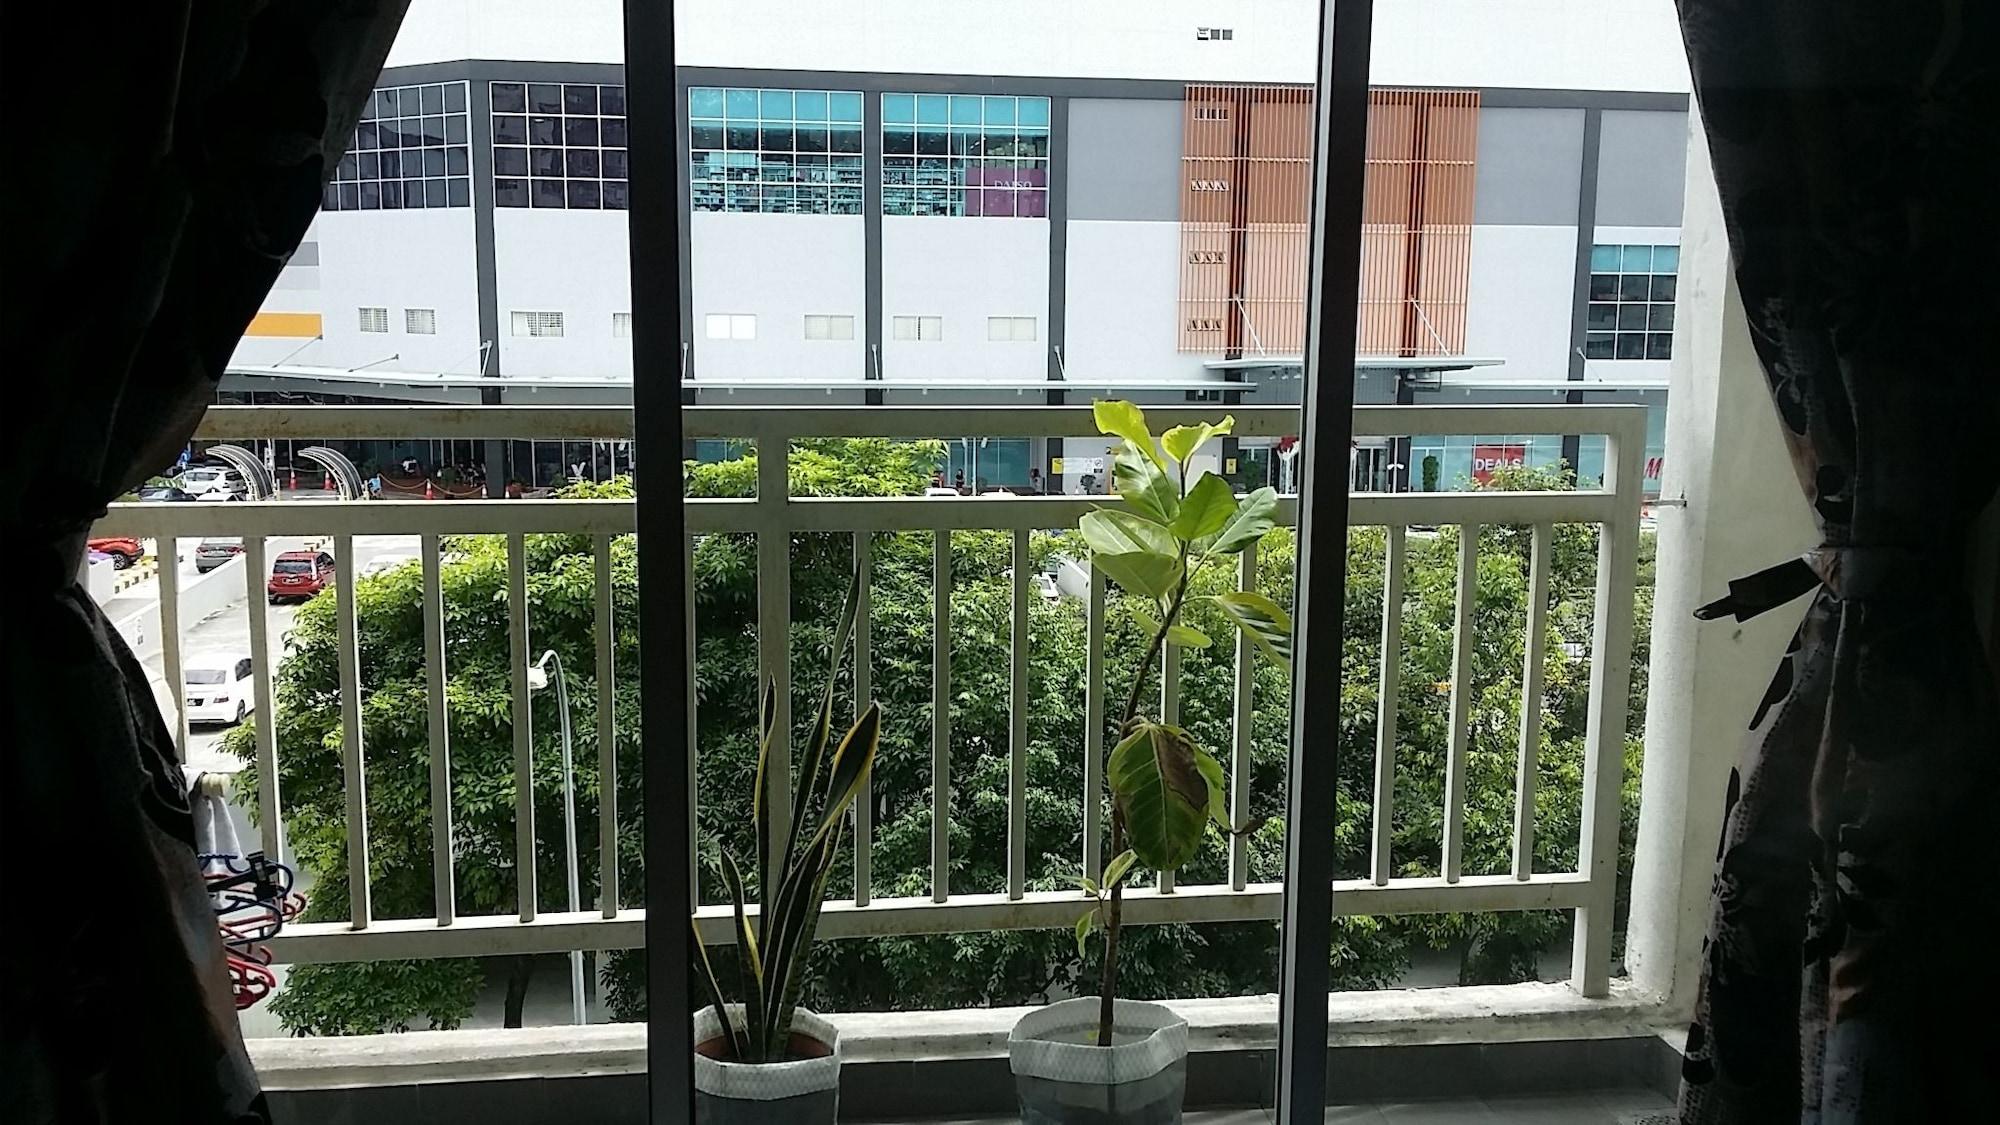 Family Suite DESA TEBRAU JOHOR BAHRU, Johor Bahru